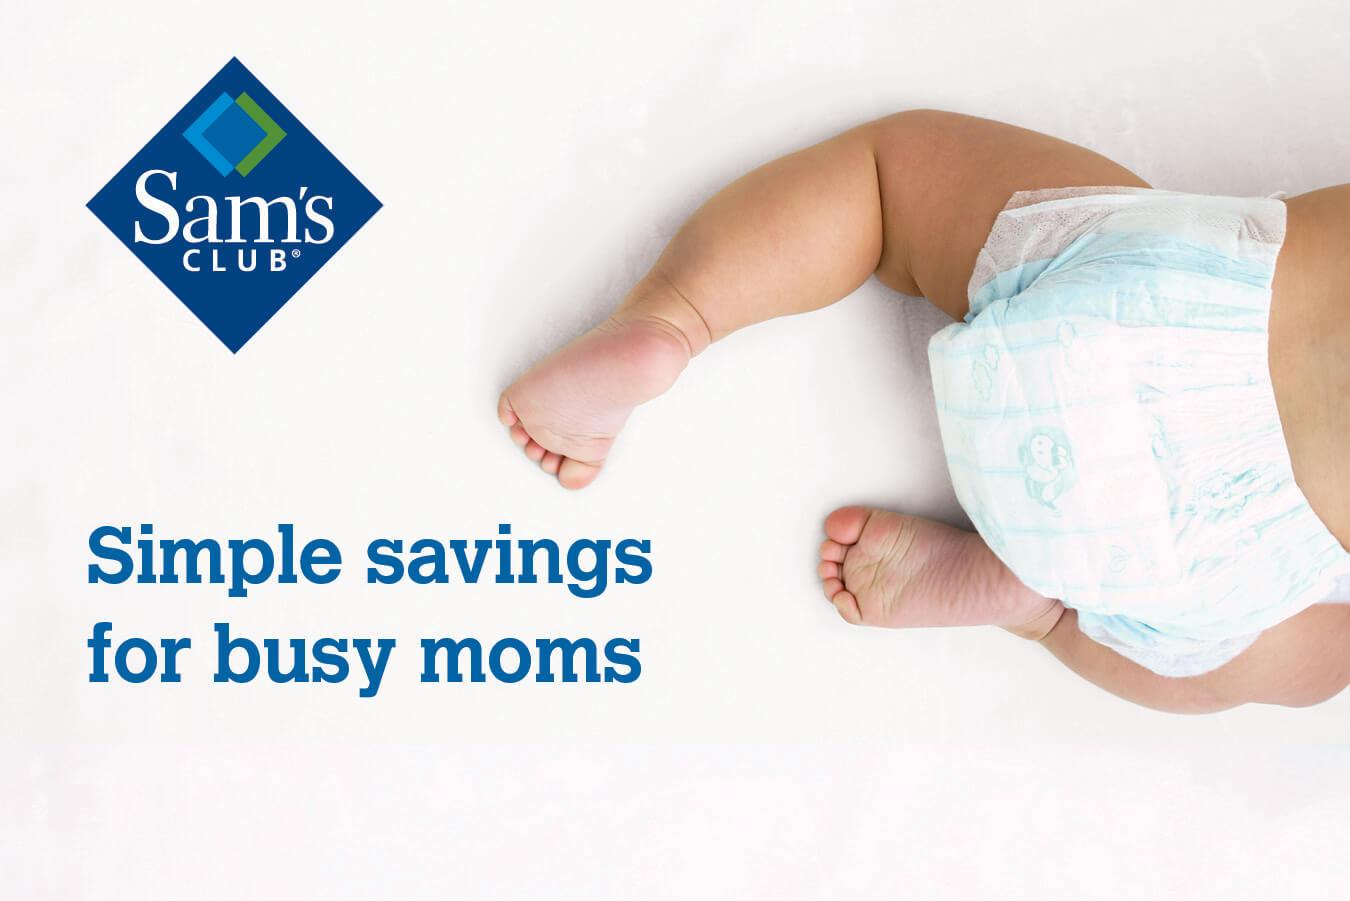 Sams Club busy Moms Savings